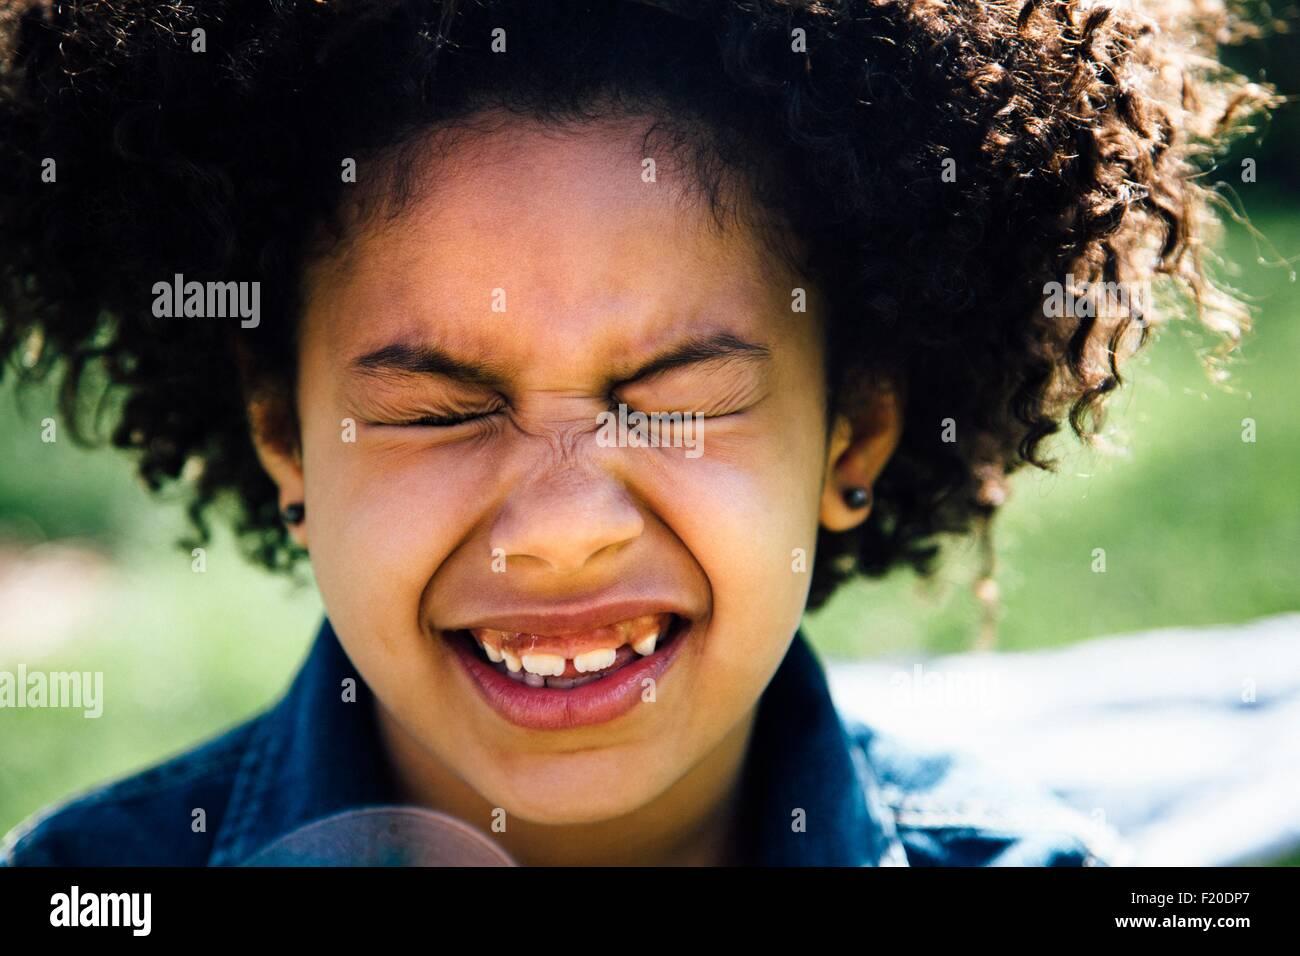 Nahaufnahme Portrait eines Mädchens mit Augen geschlossen ziehen Gesicht Stockbild